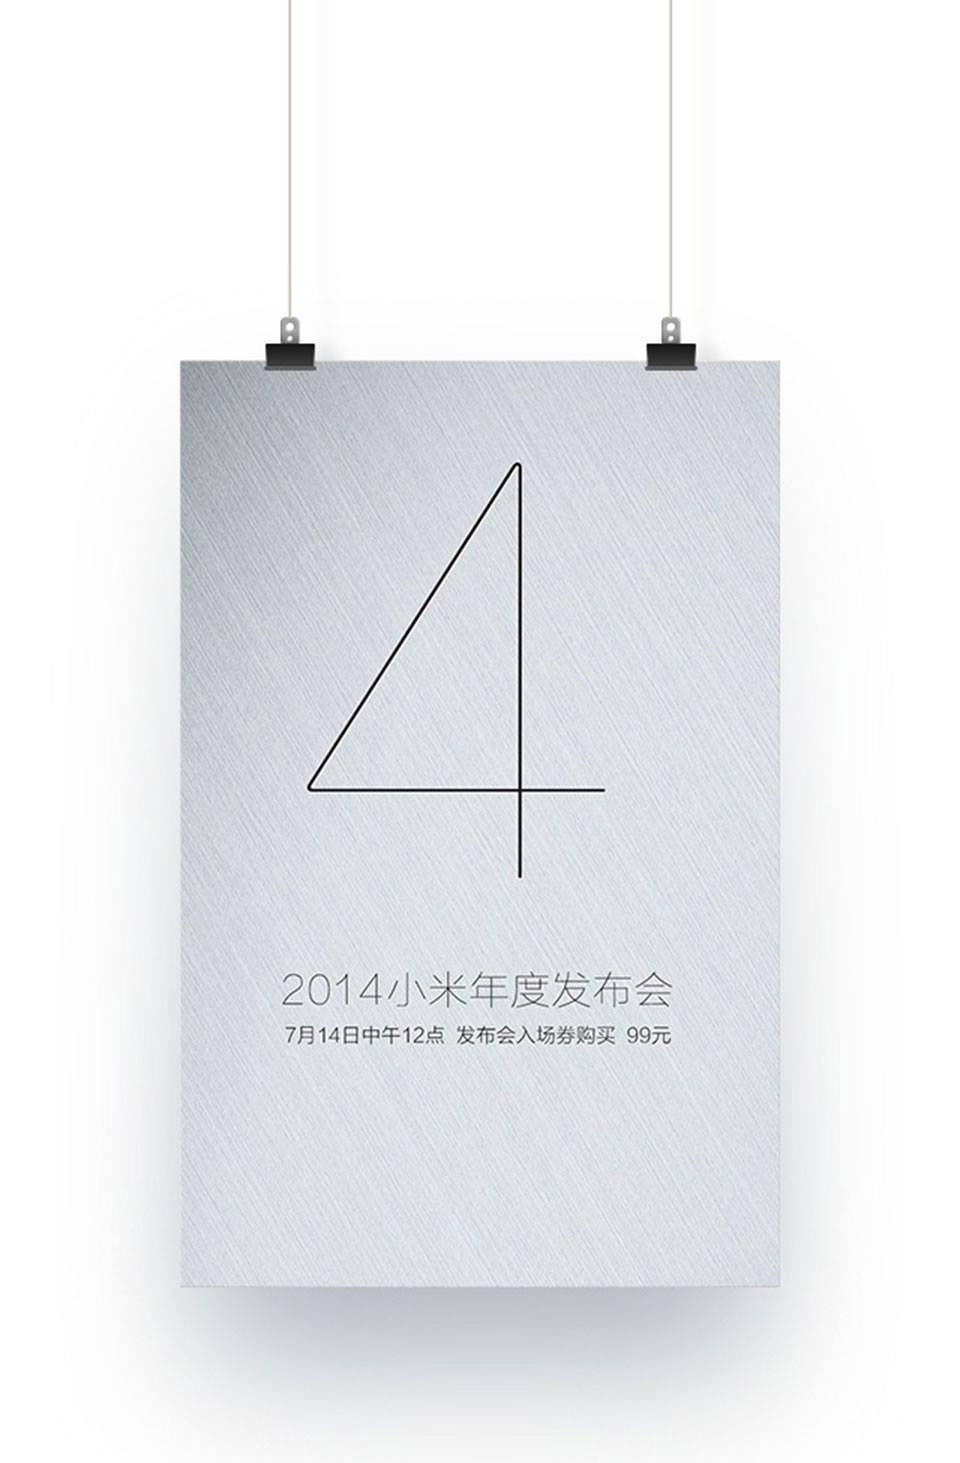 8 év – 7 kép (2011-2018). A Xiaomi sztori a reklámkampányokon át (1)